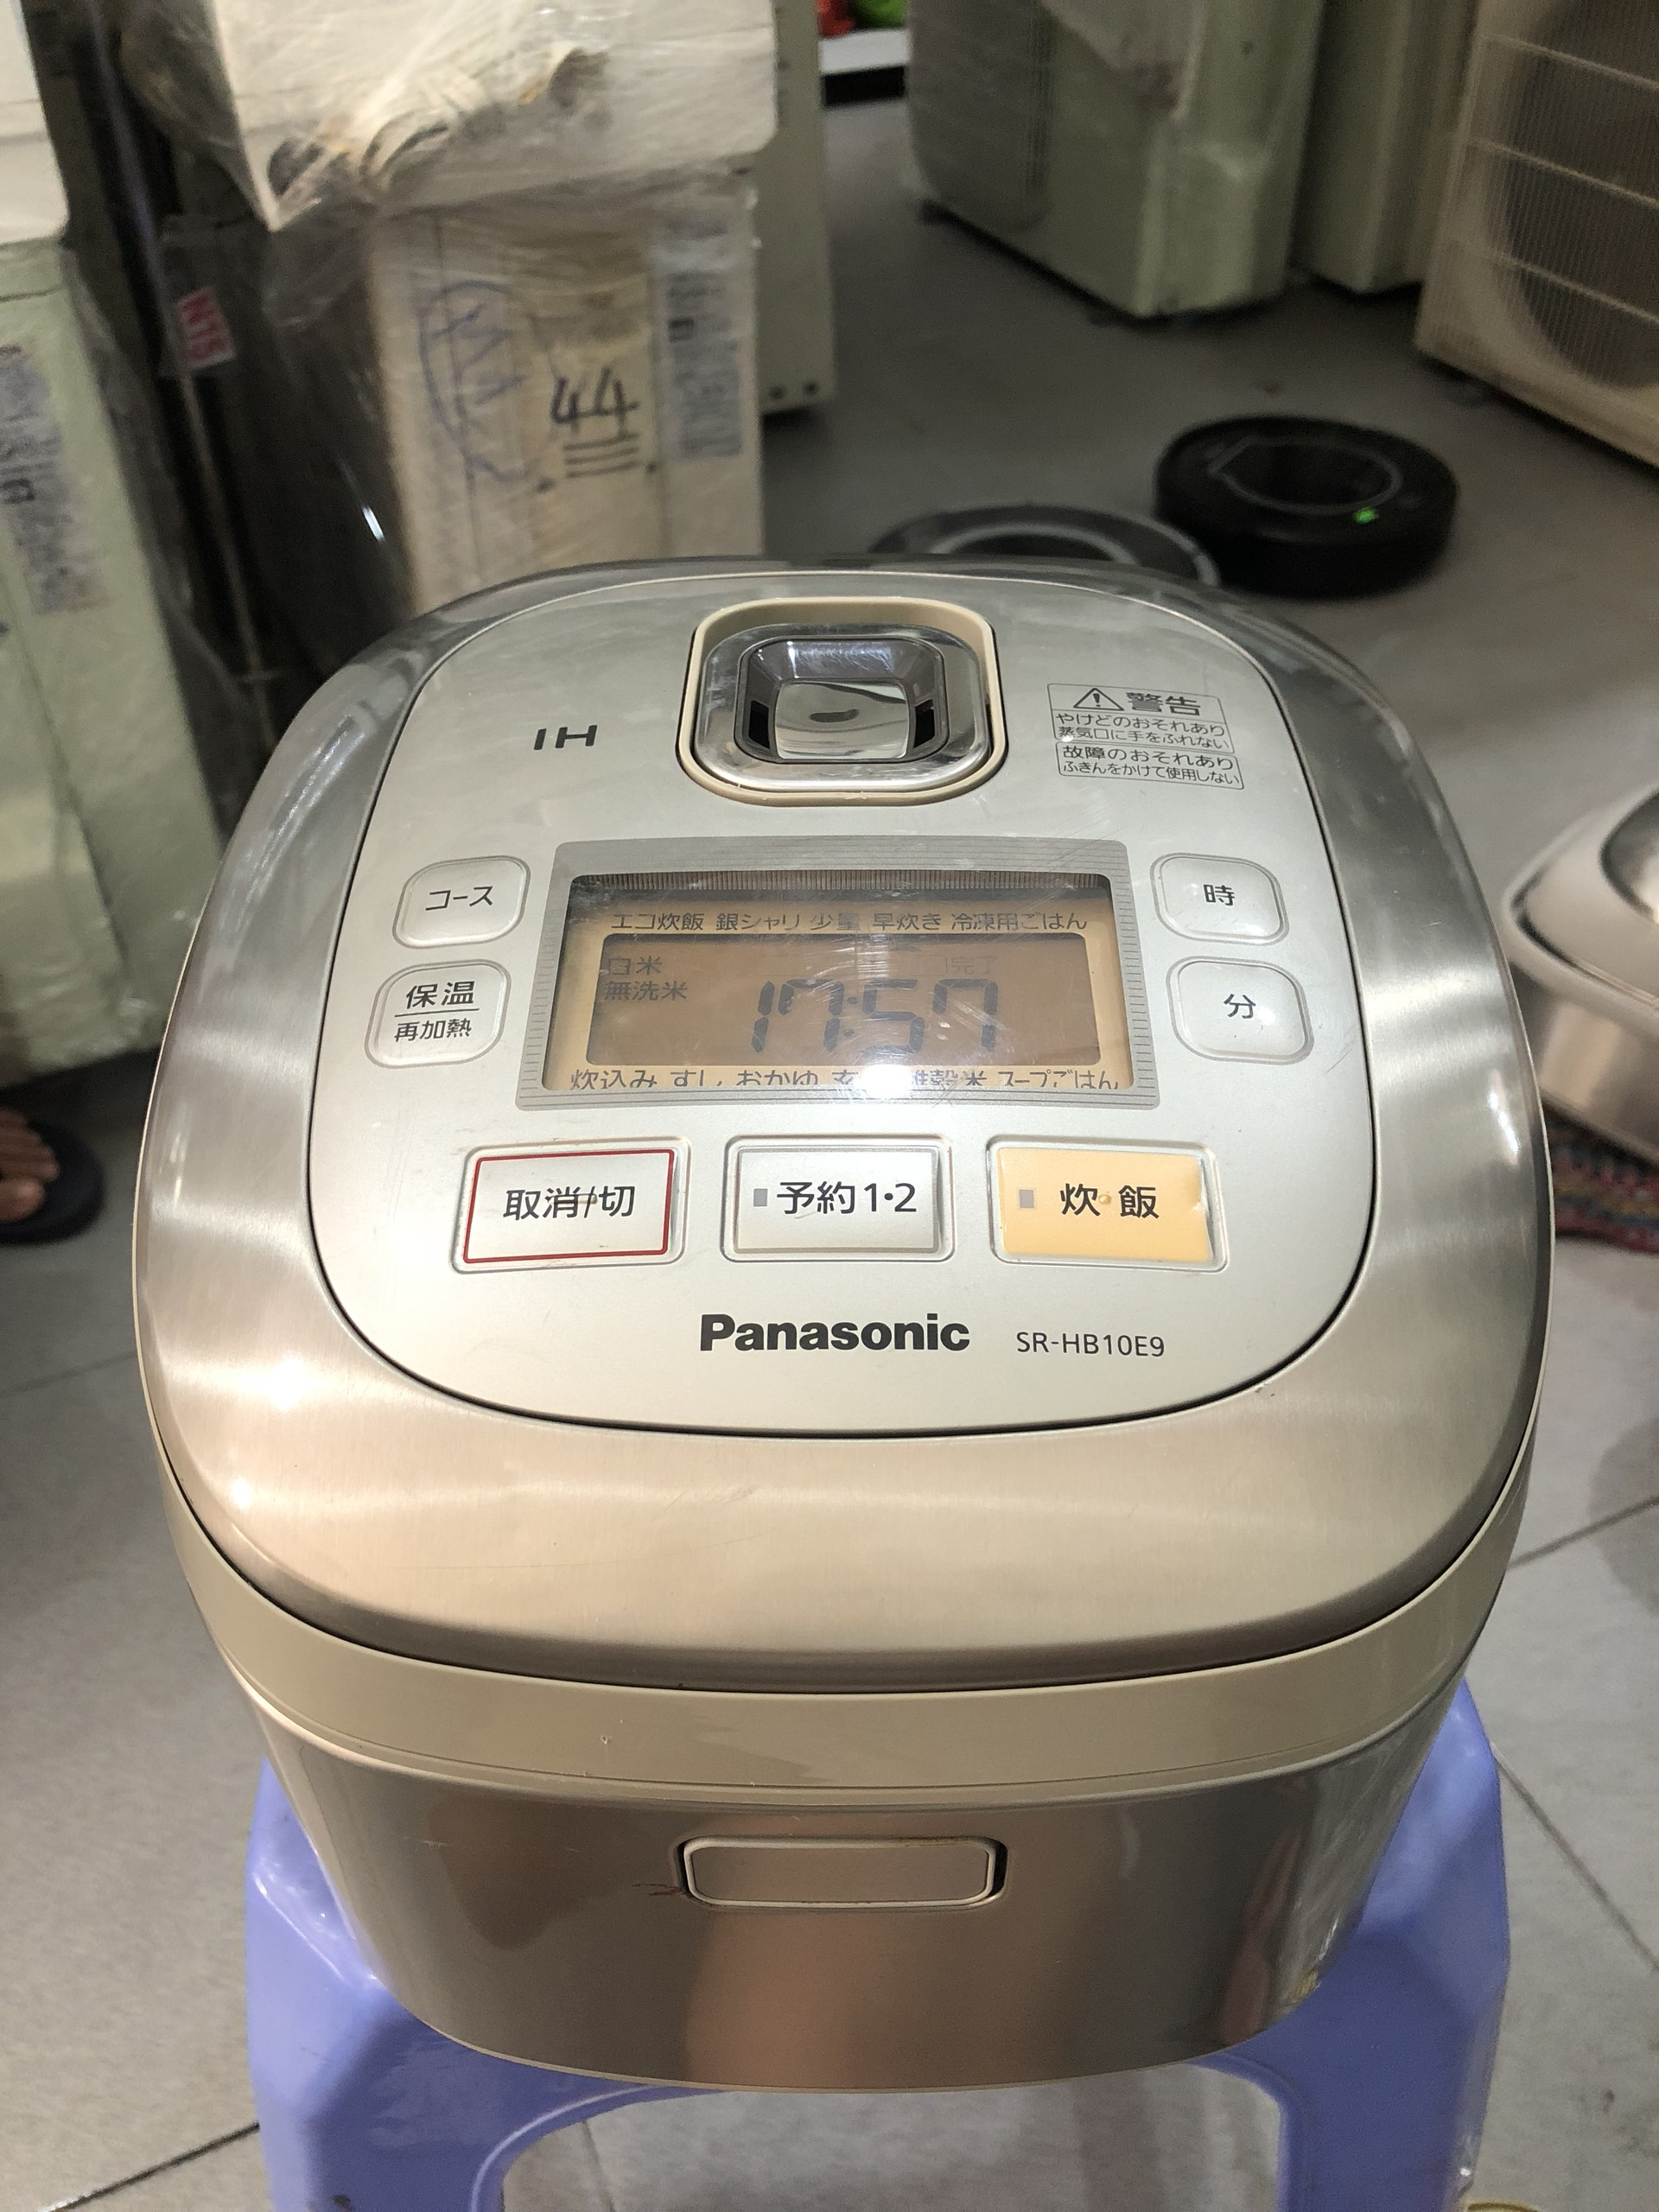 NỒI CƠM ĐIỆN PANASONIC SR-HB10E9